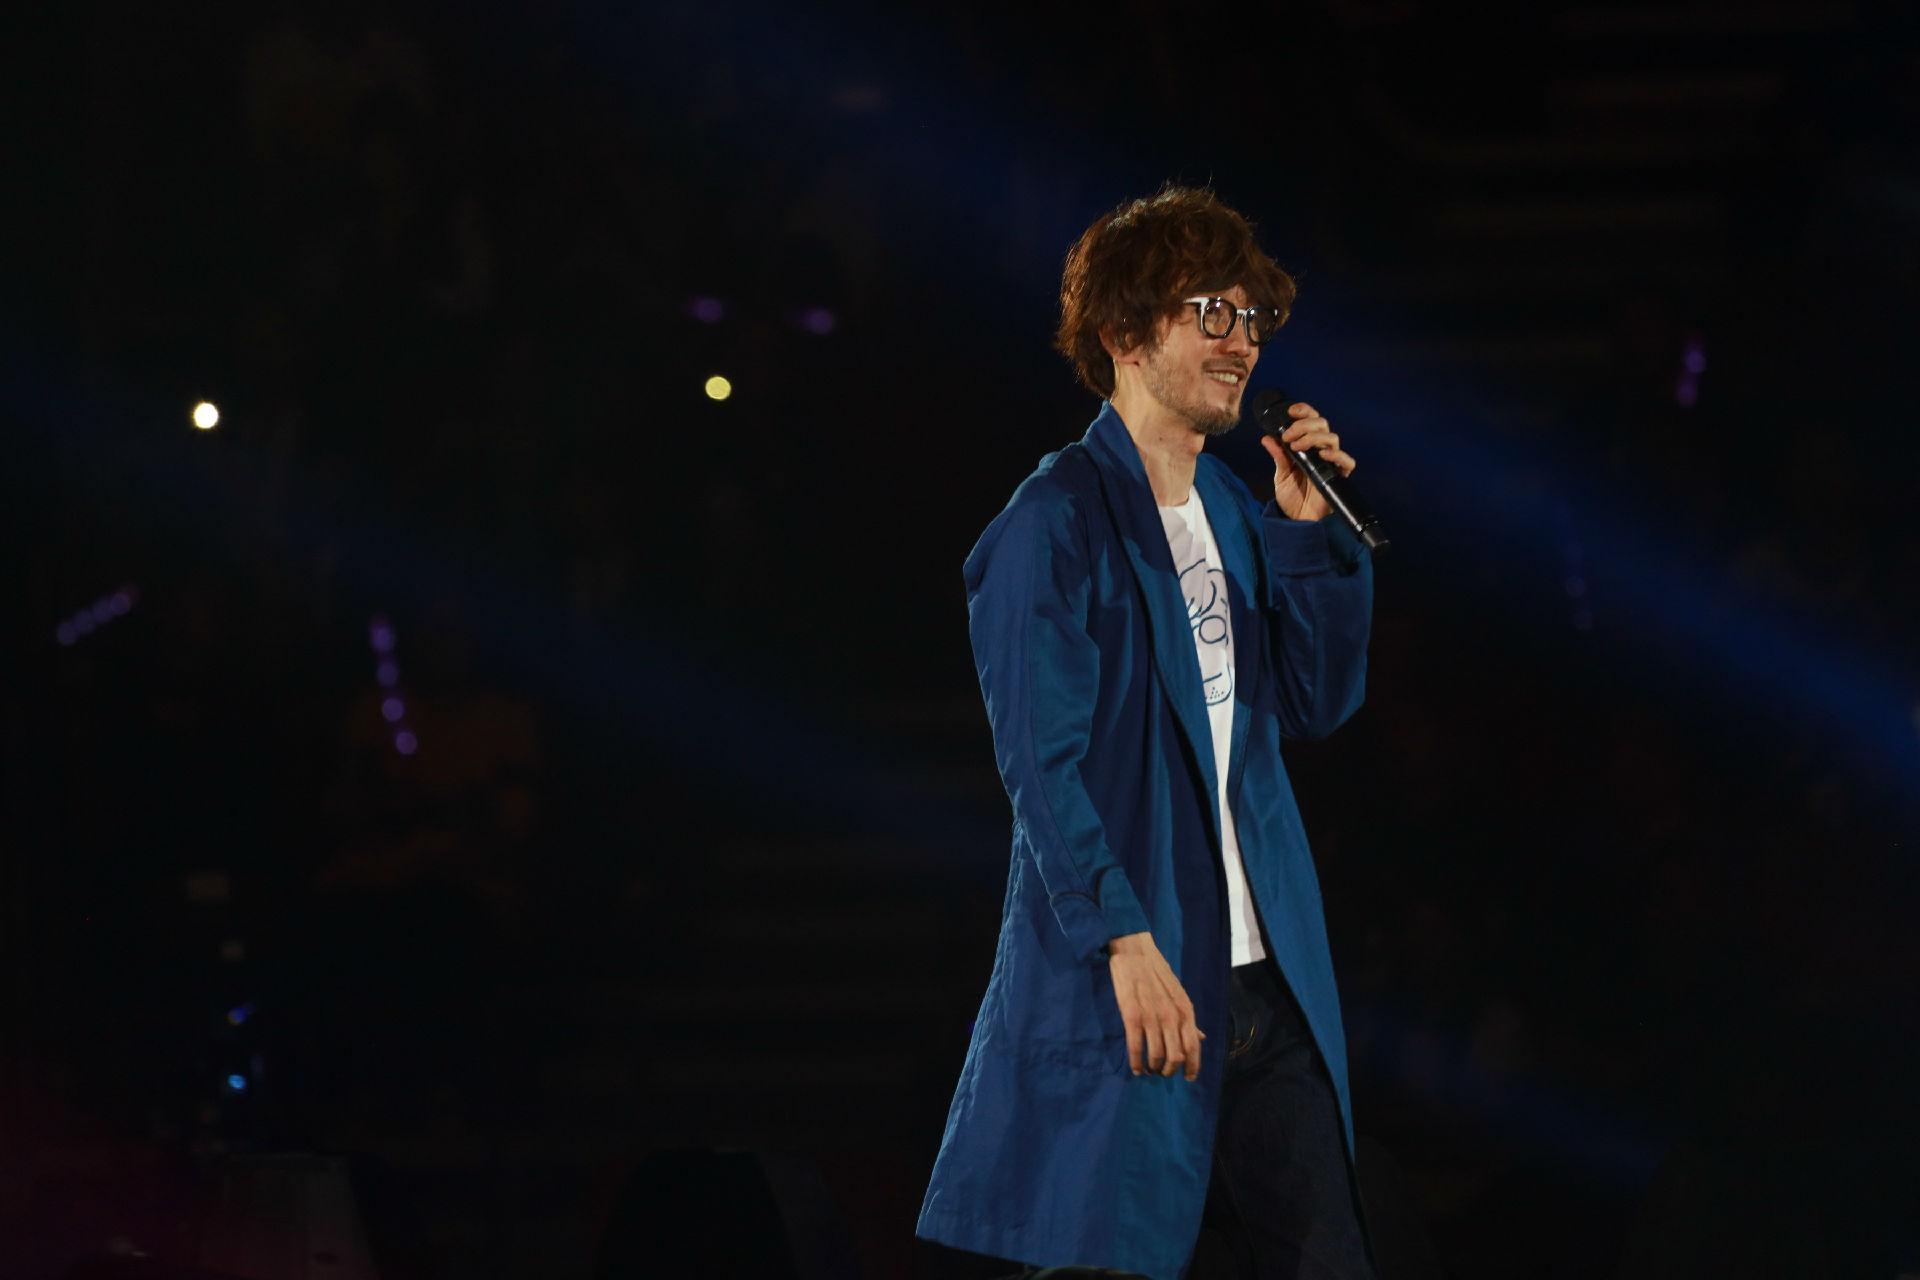 2021周传雄上海演唱会门票购买及行程安排